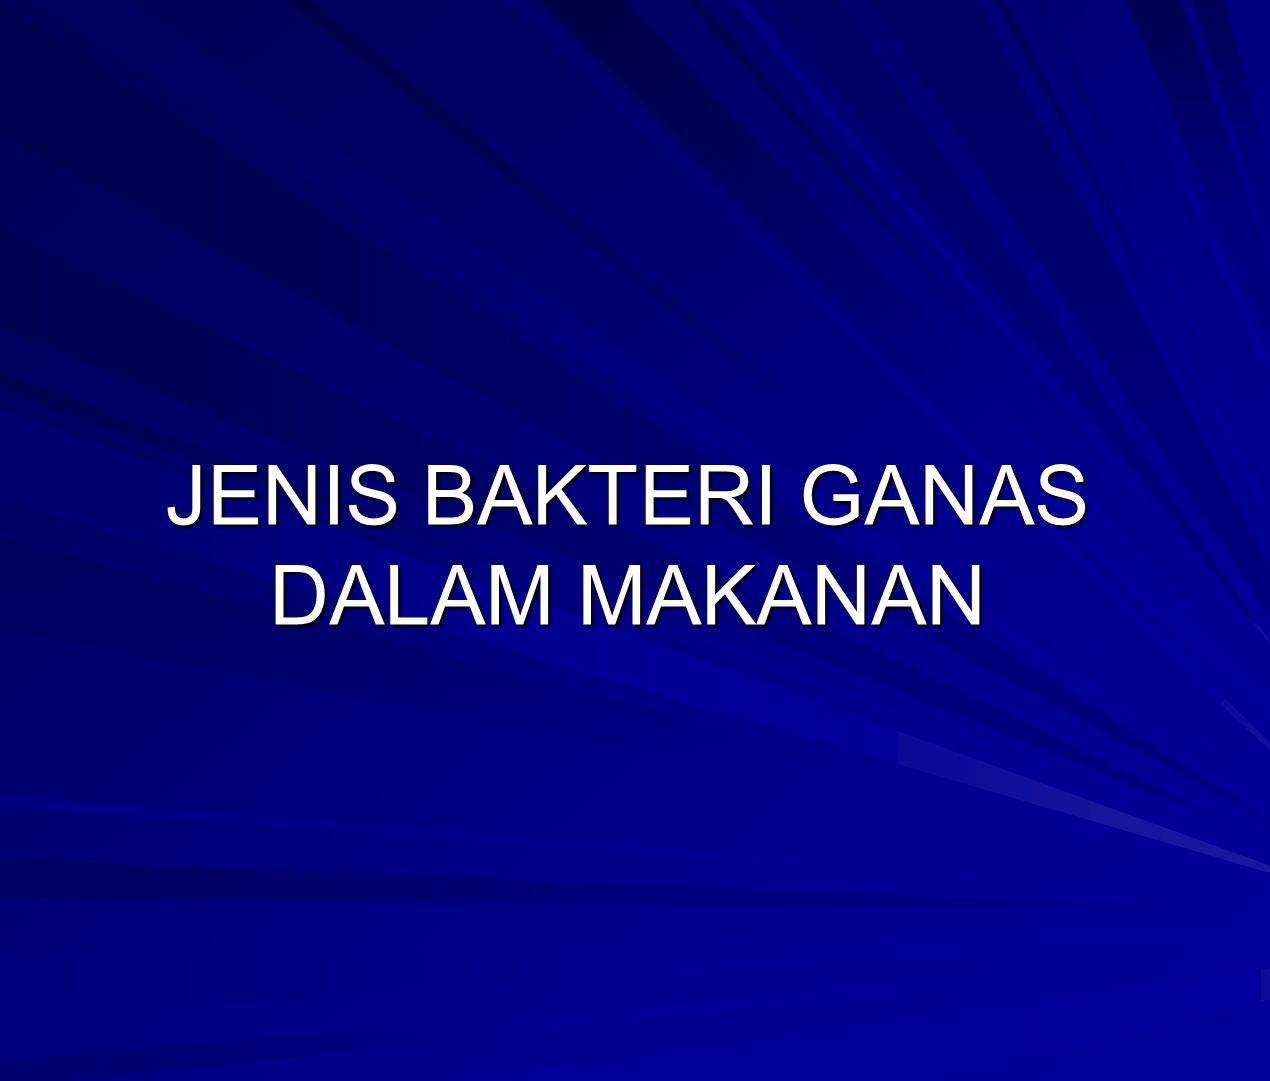 JENIS BAKTERI GANAS DALAM MAKANAN